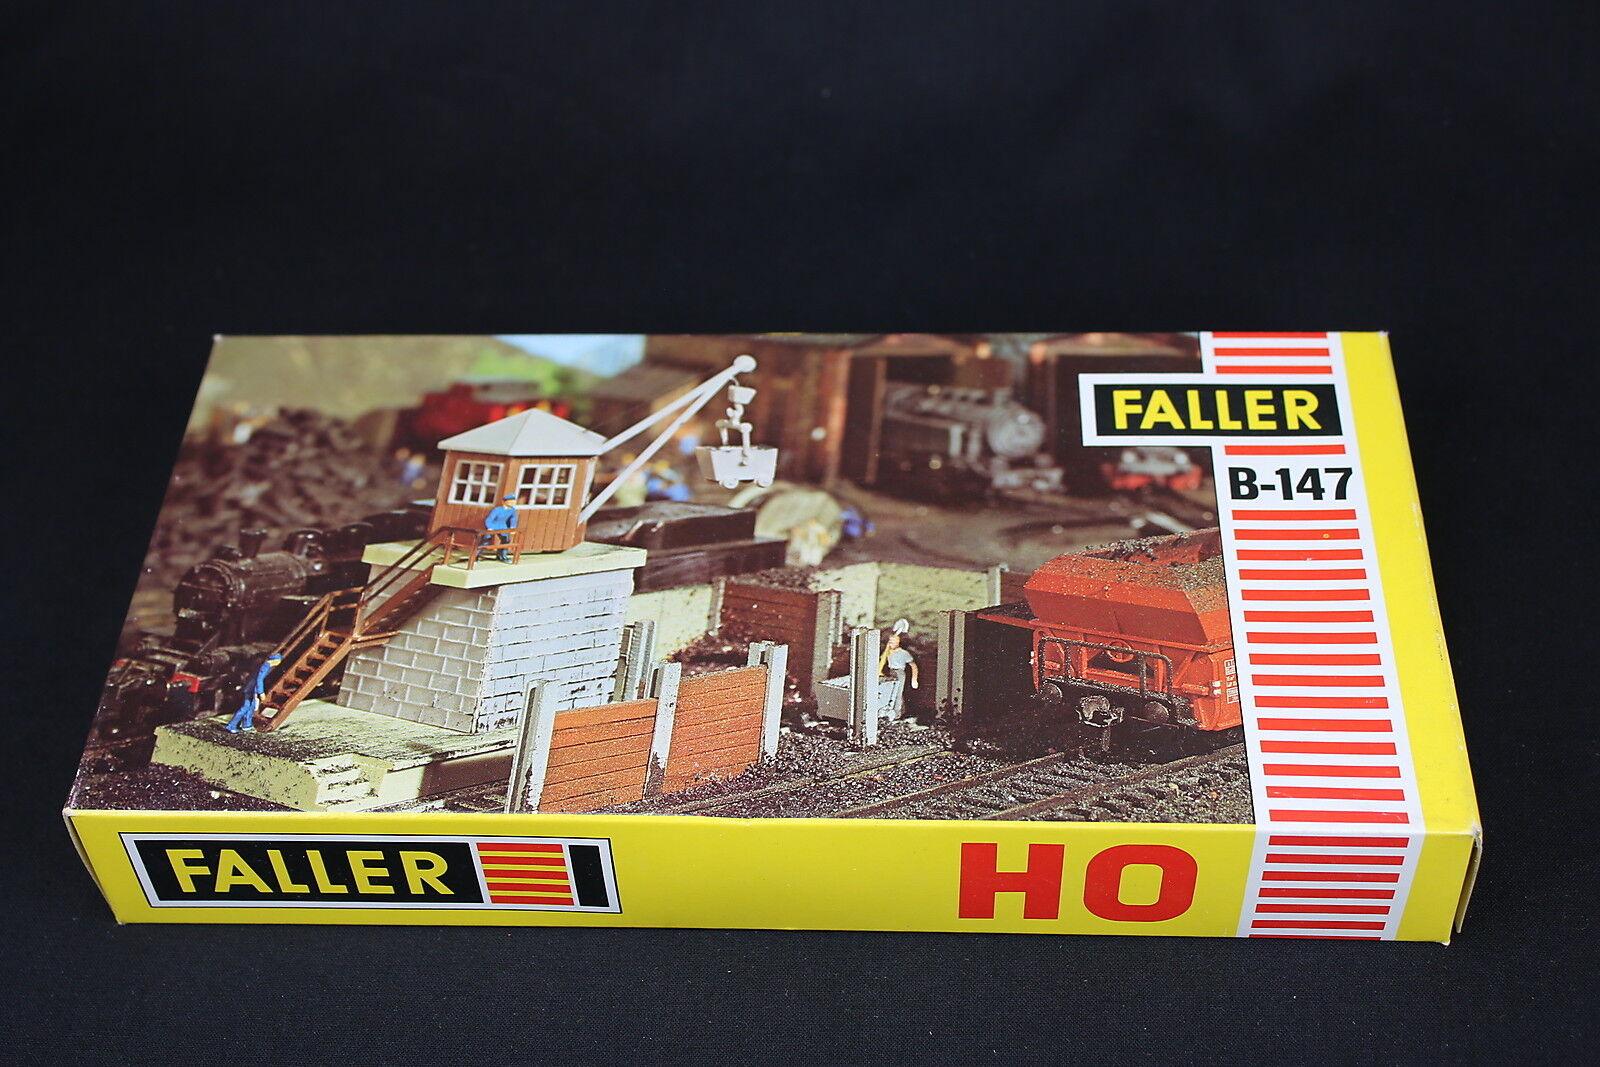 W009 Faller Treno Modellino Ho B-147 Stazione Caricamento Gru + 635 Motor